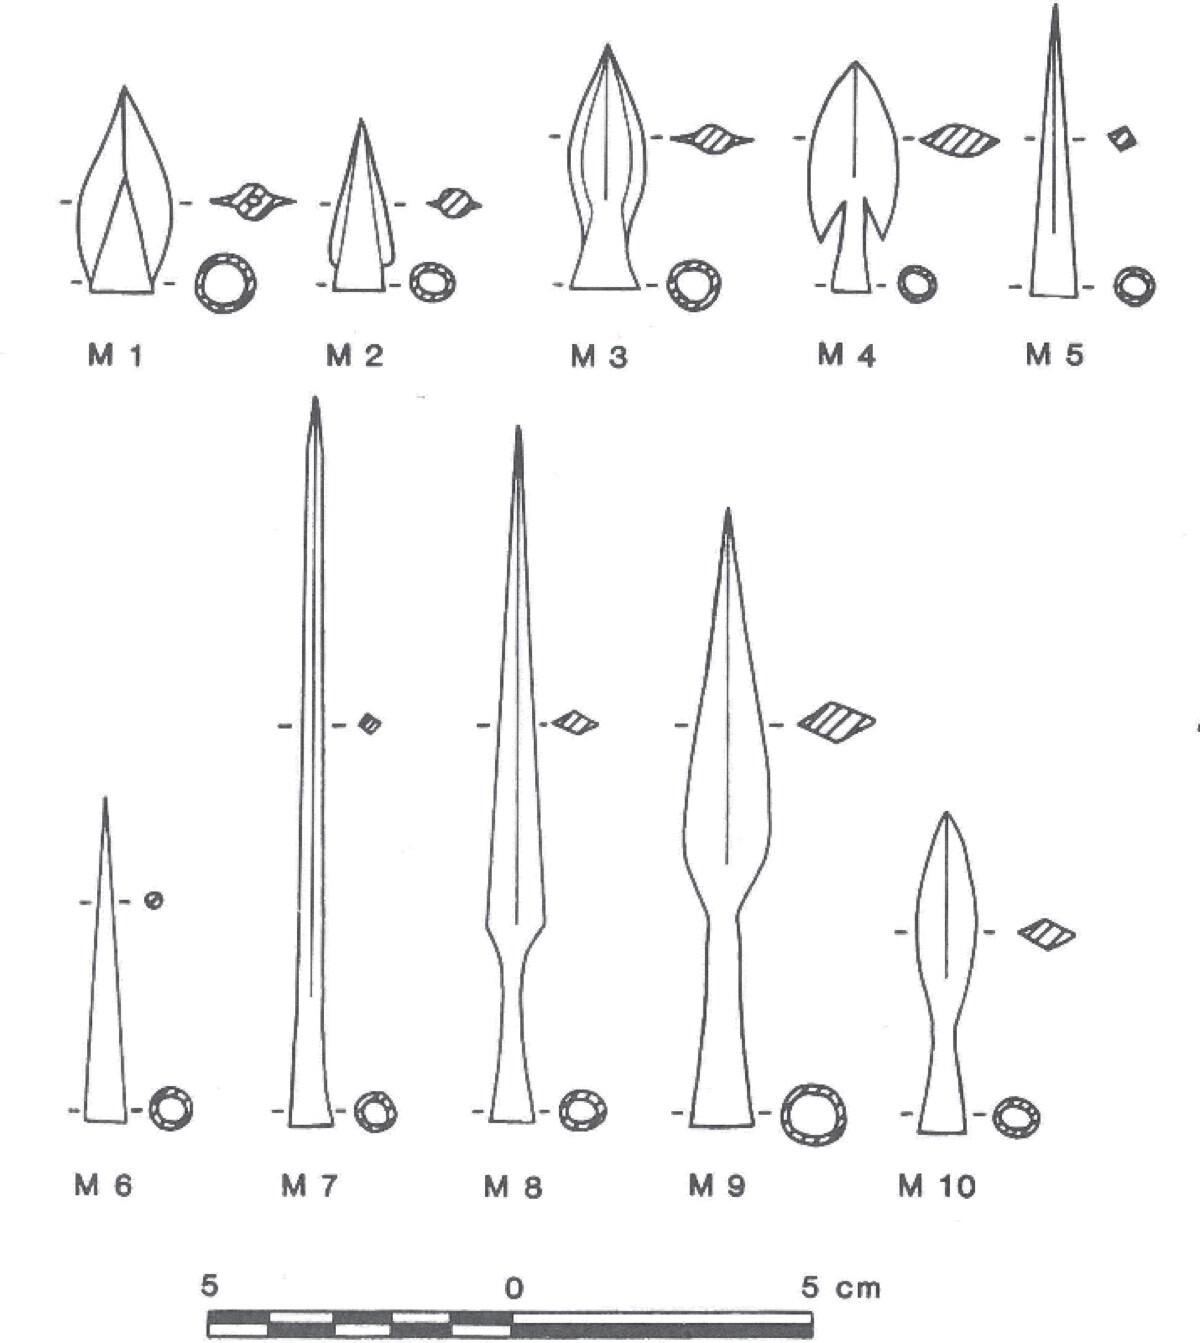 arrowtypes